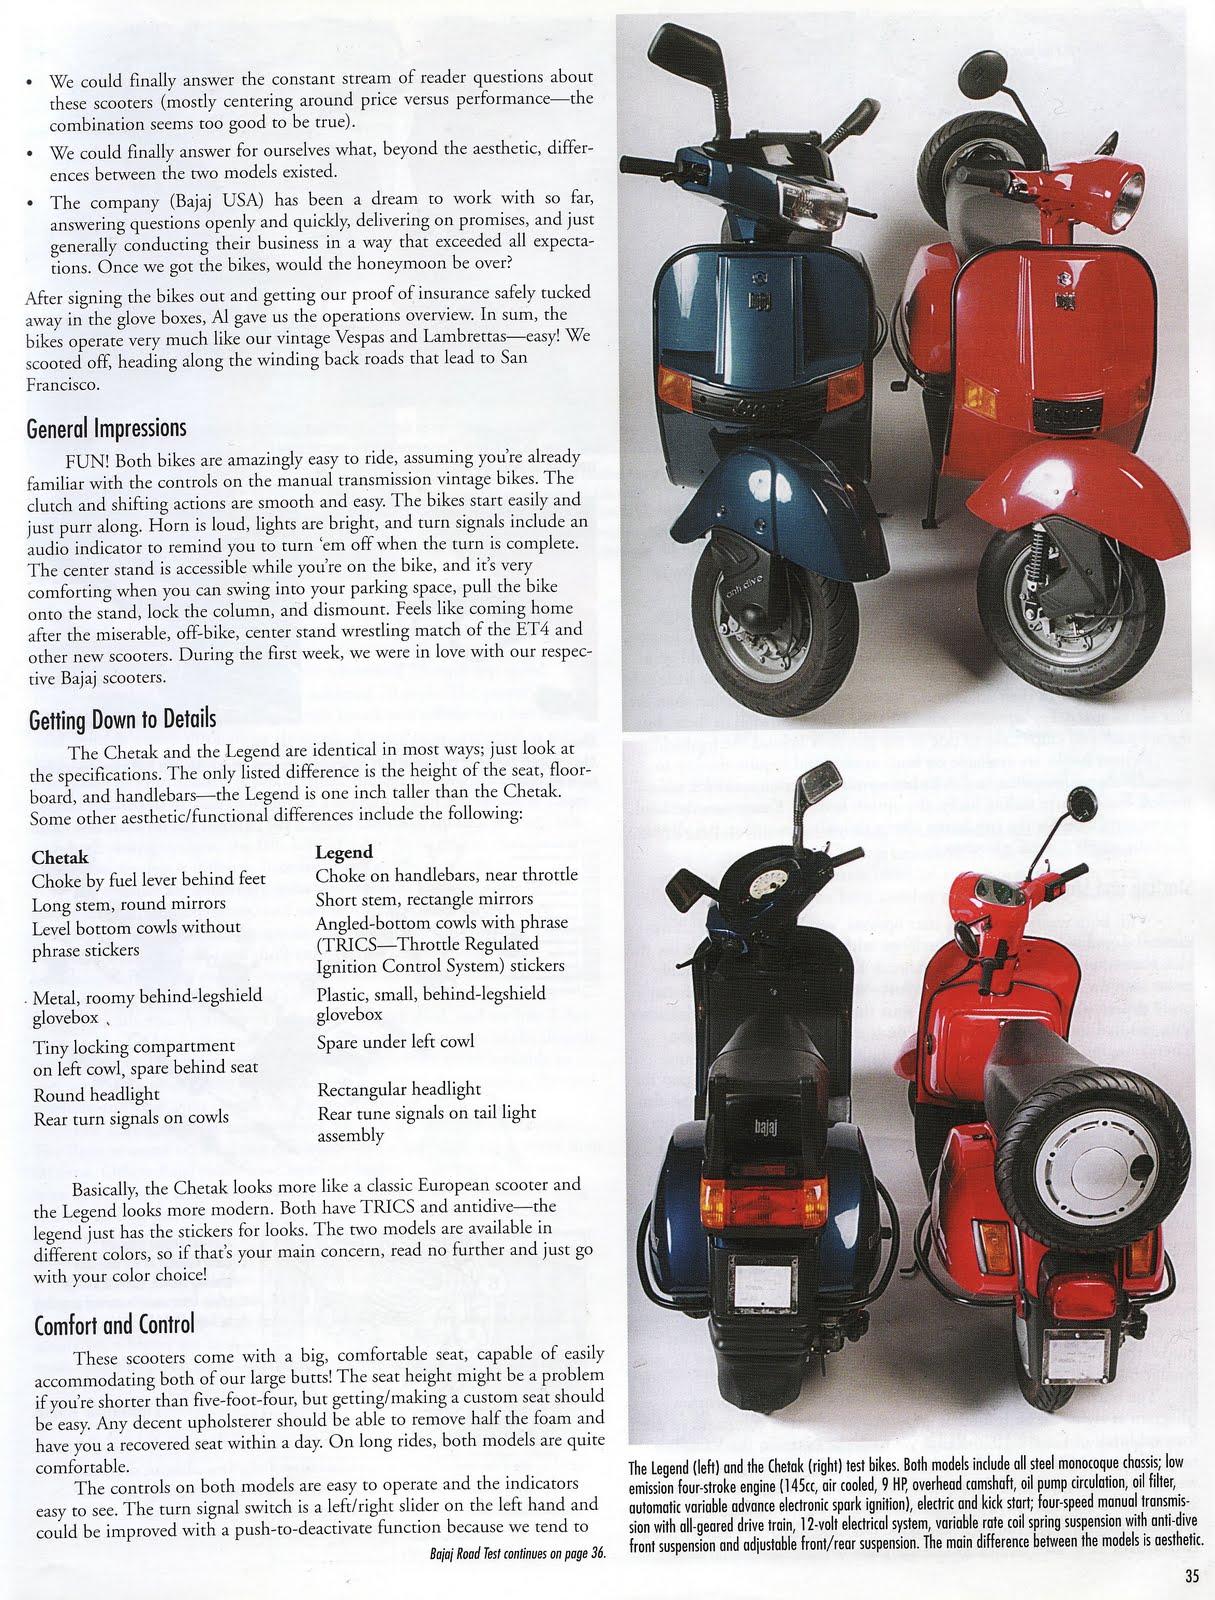 Scoot Quarterly's review of the Bajaj Chetak & Legend 2002